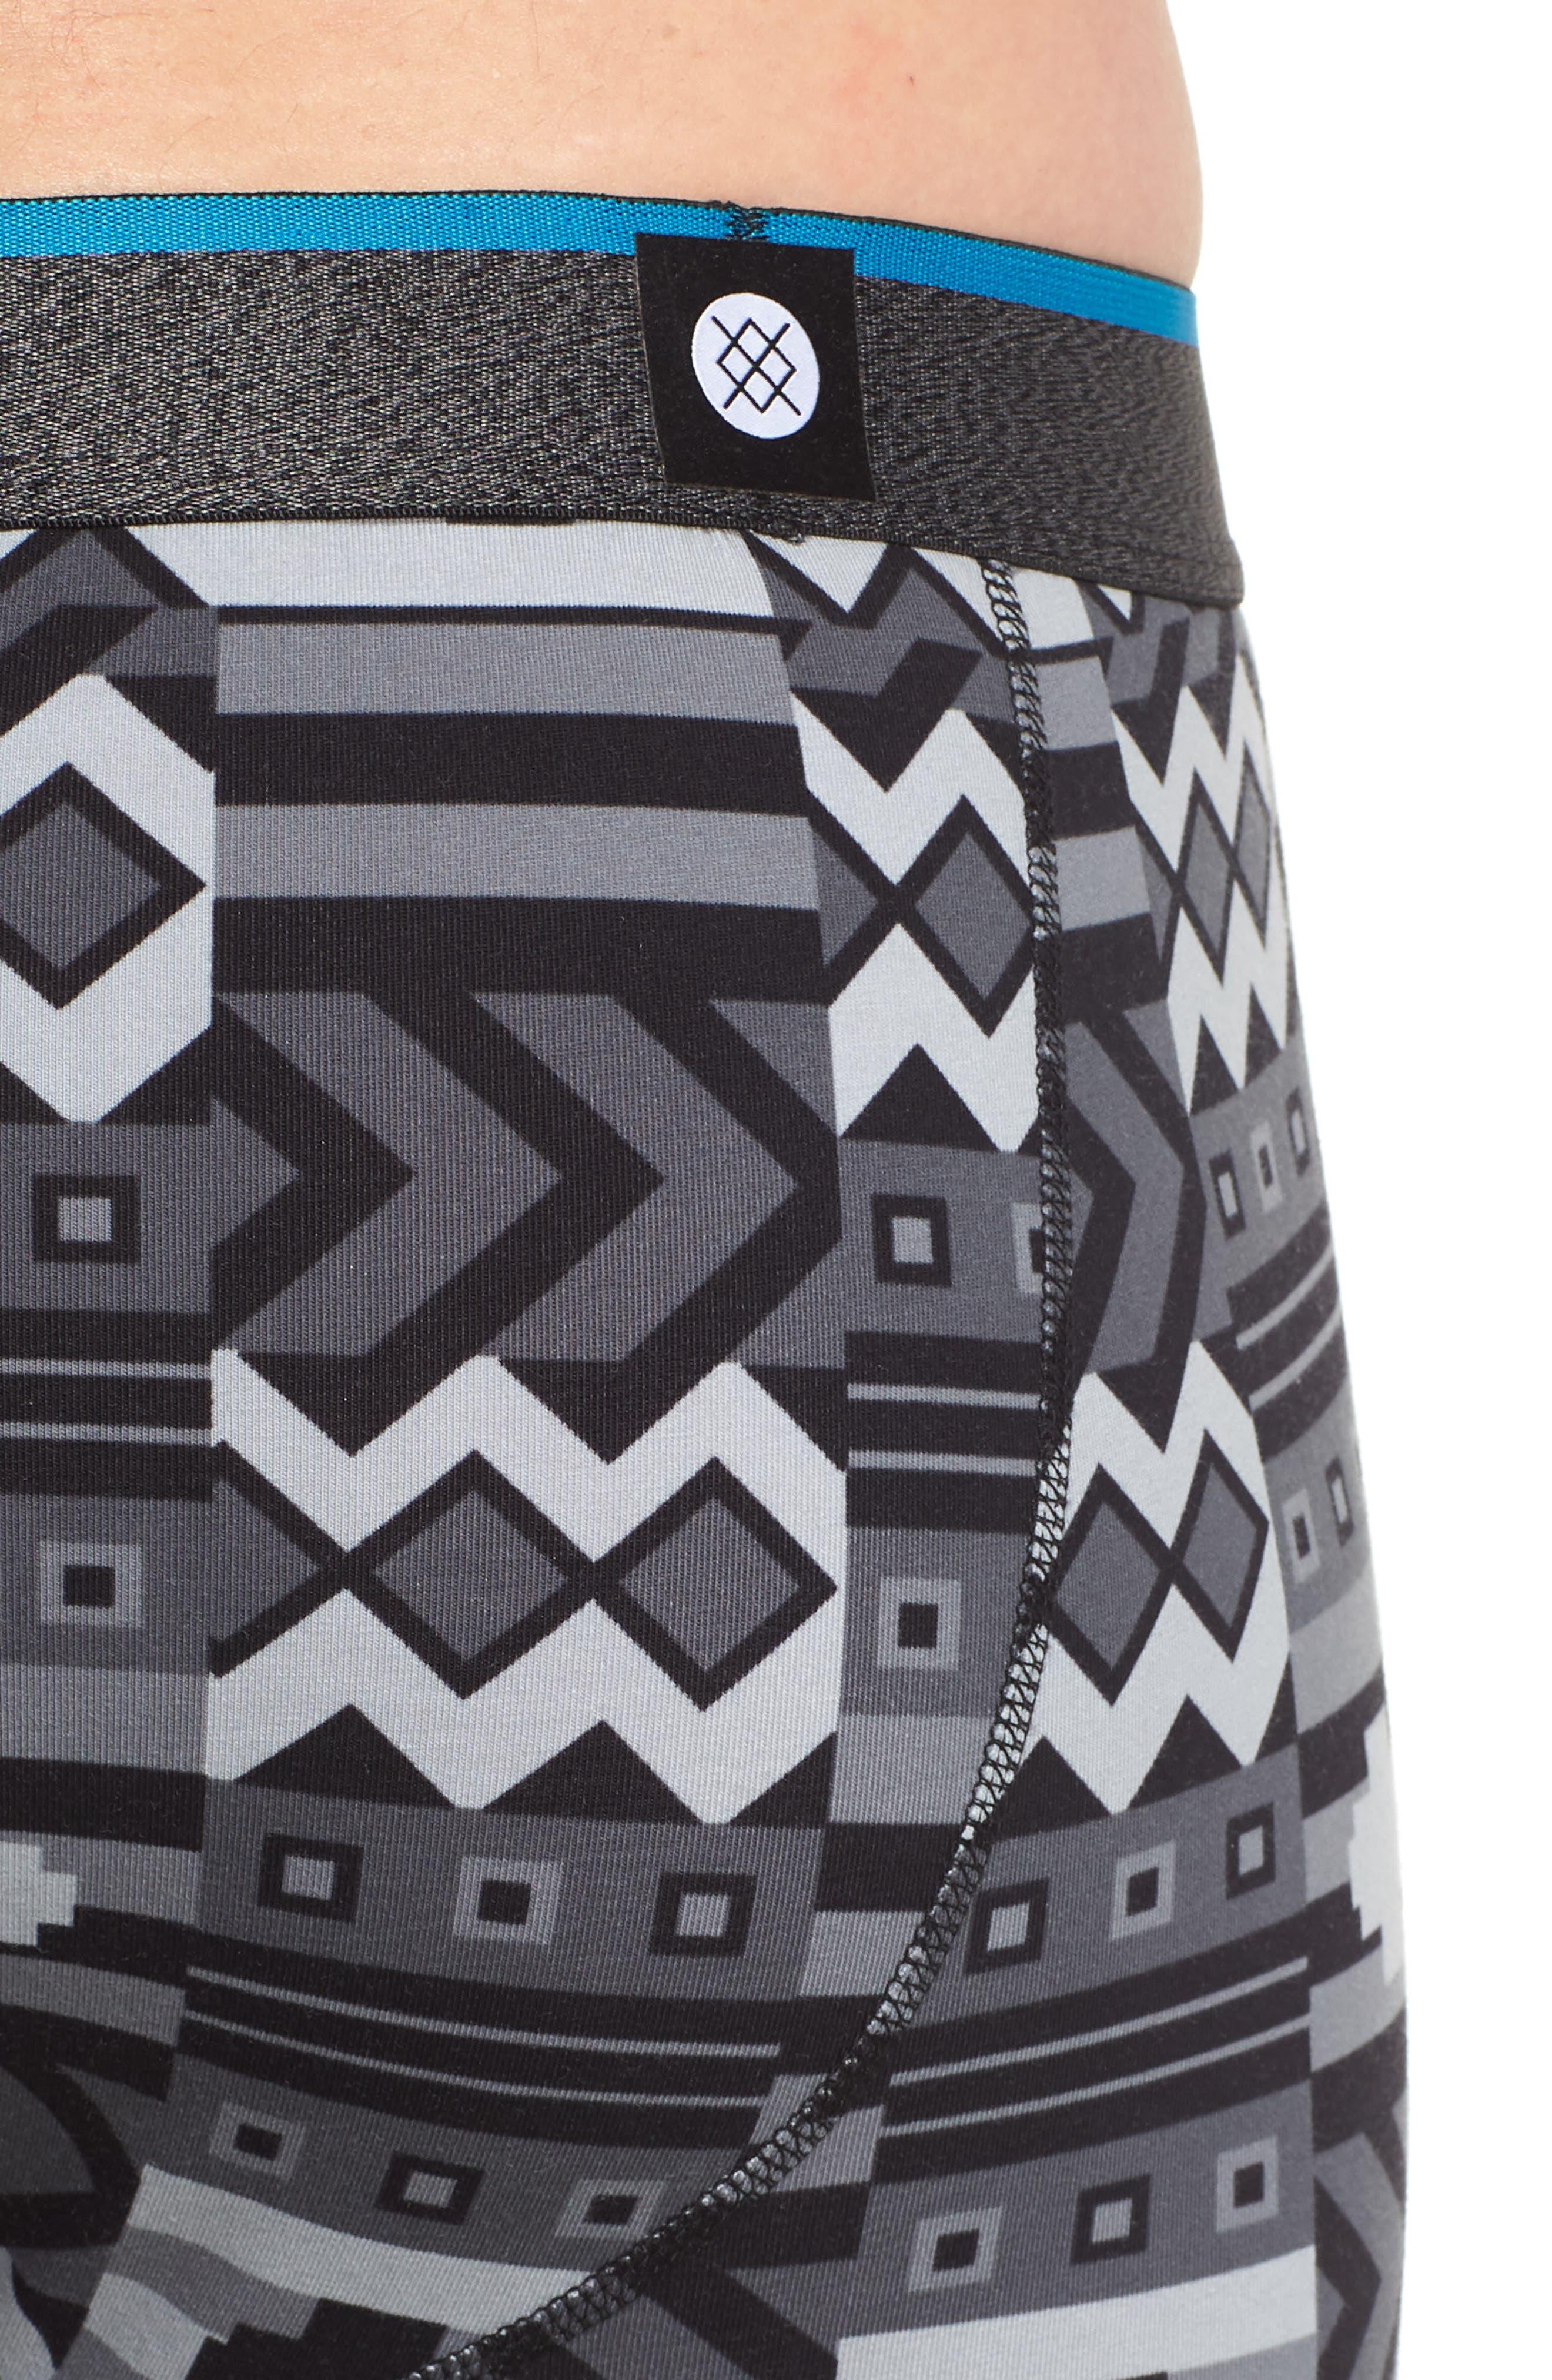 Block Puzzle Stretch Cotton Boxer Briefs,                             Alternate thumbnail 4, color,                             Black